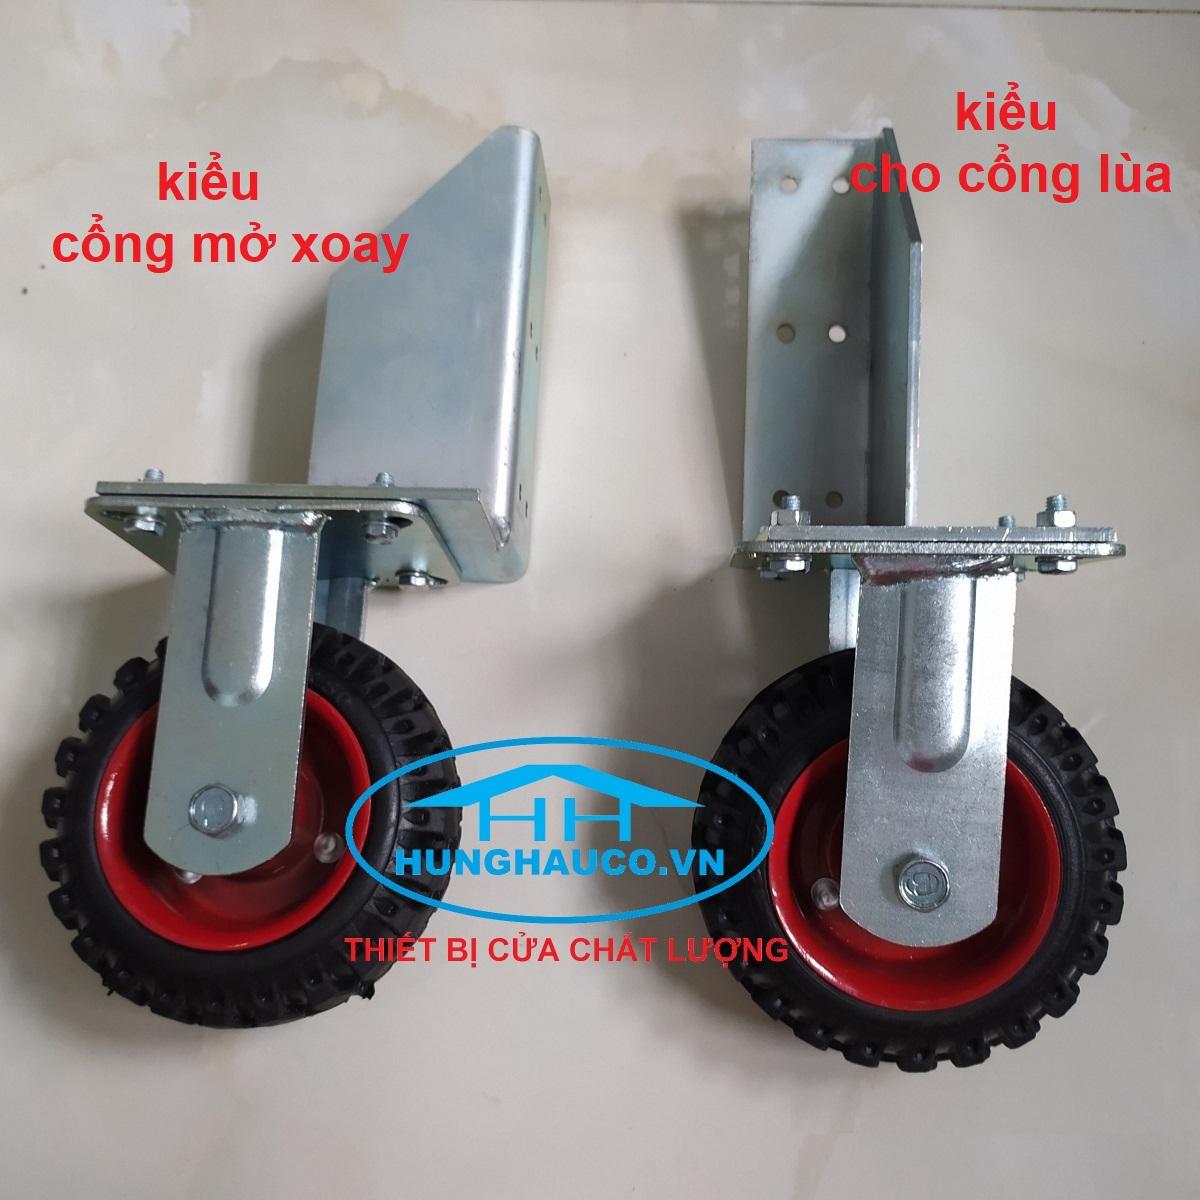 bánh xe hỗ trợ cửa - bánh xe đỡ đầu cửa ( pát cố định)